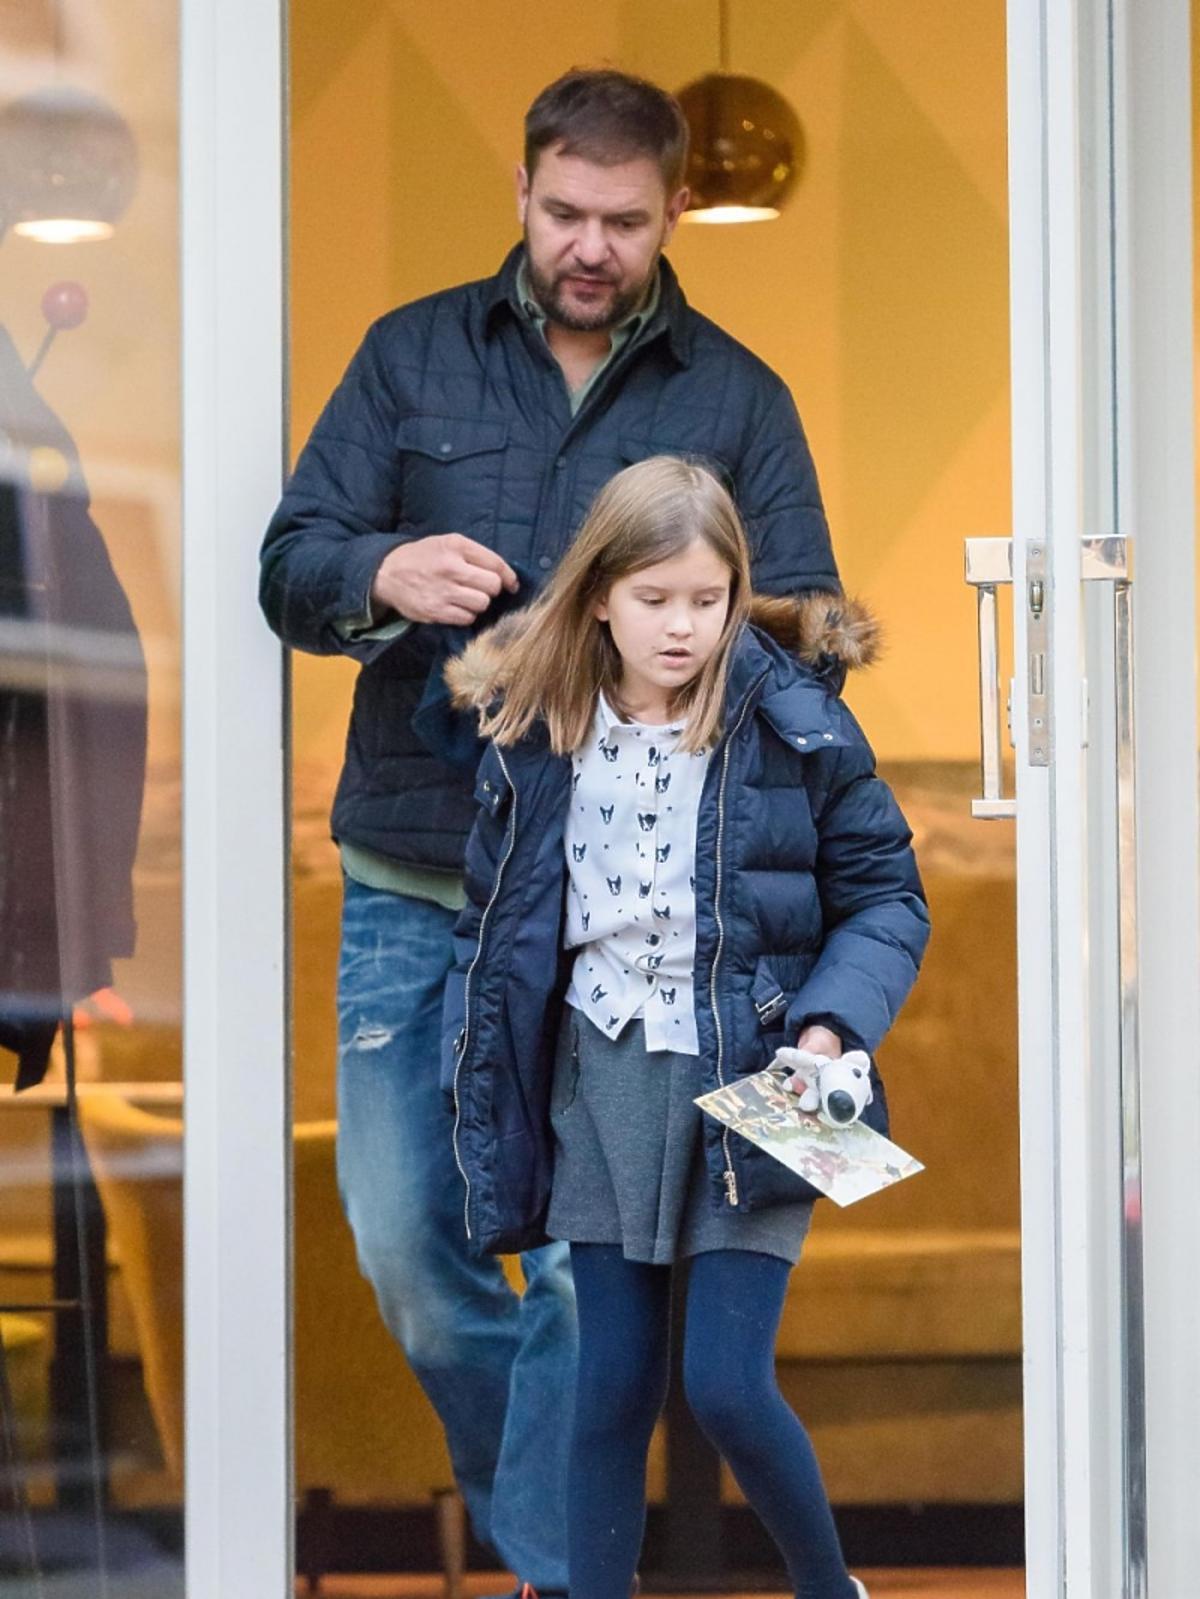 Tomasz Karolak w dżisnach, córka Lena w szarej spódniczce